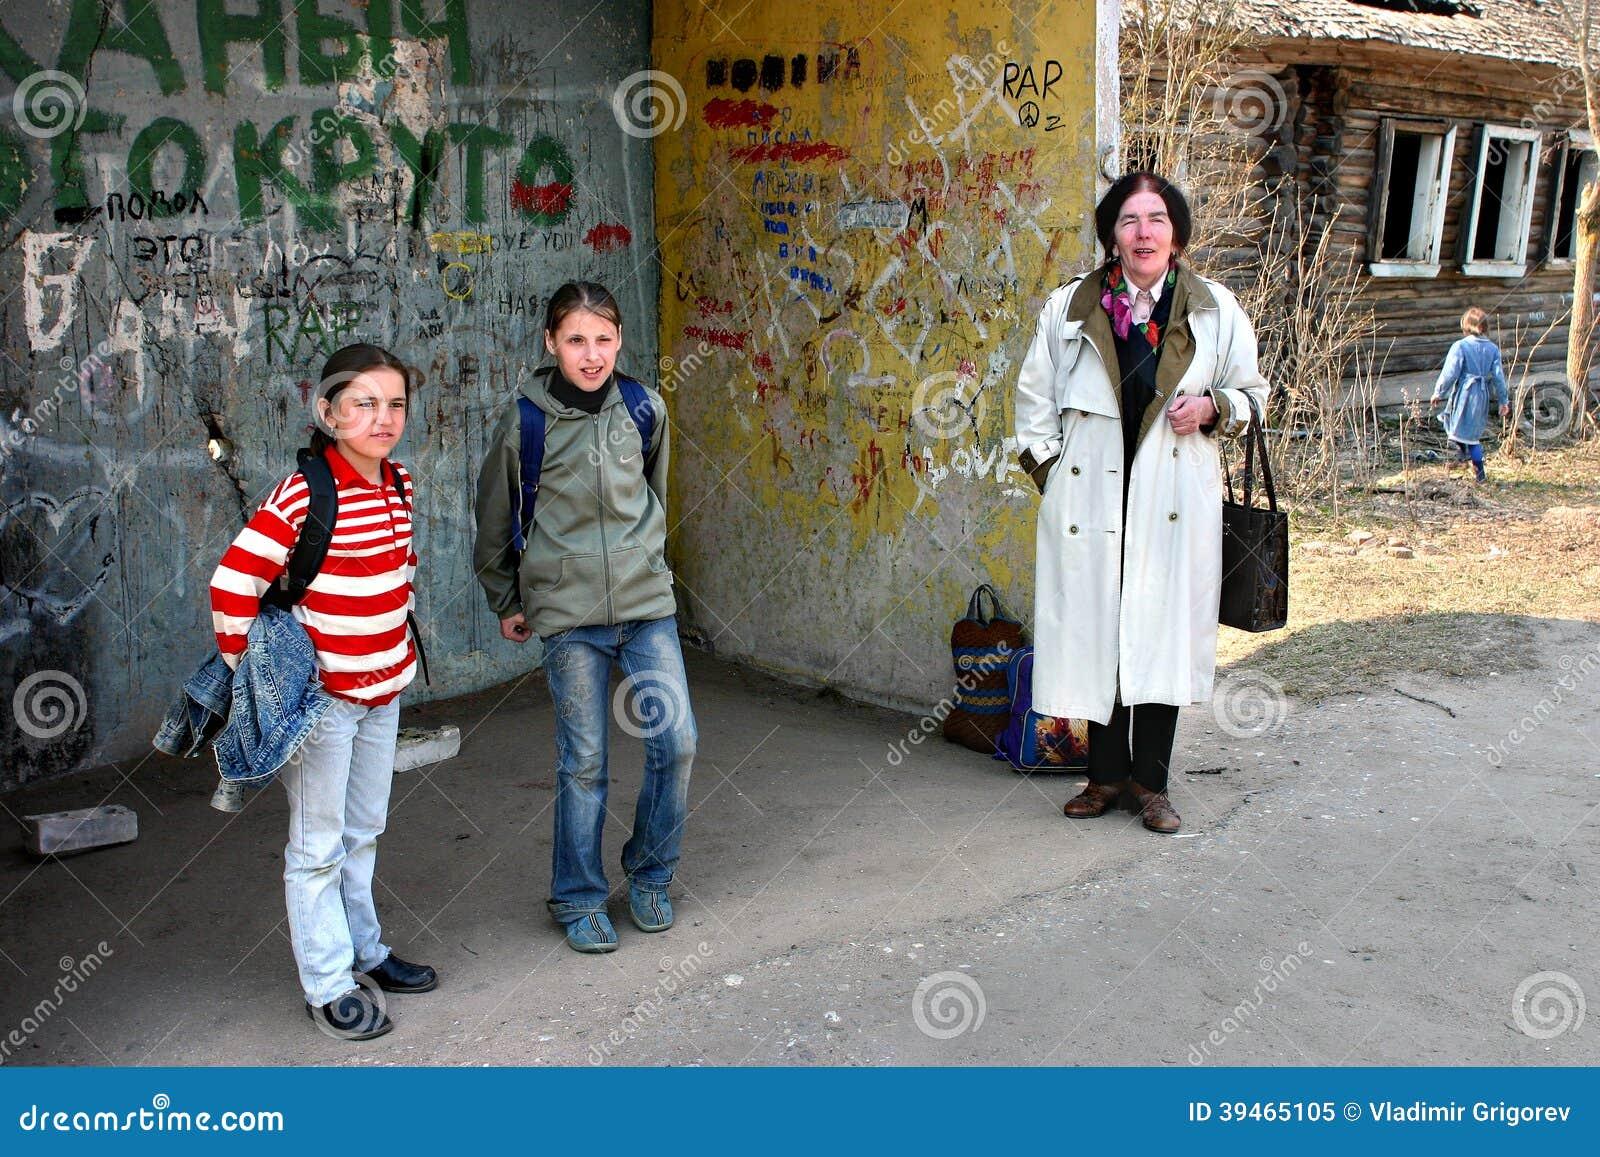 Сельскую девушку на остановке 4 фотография